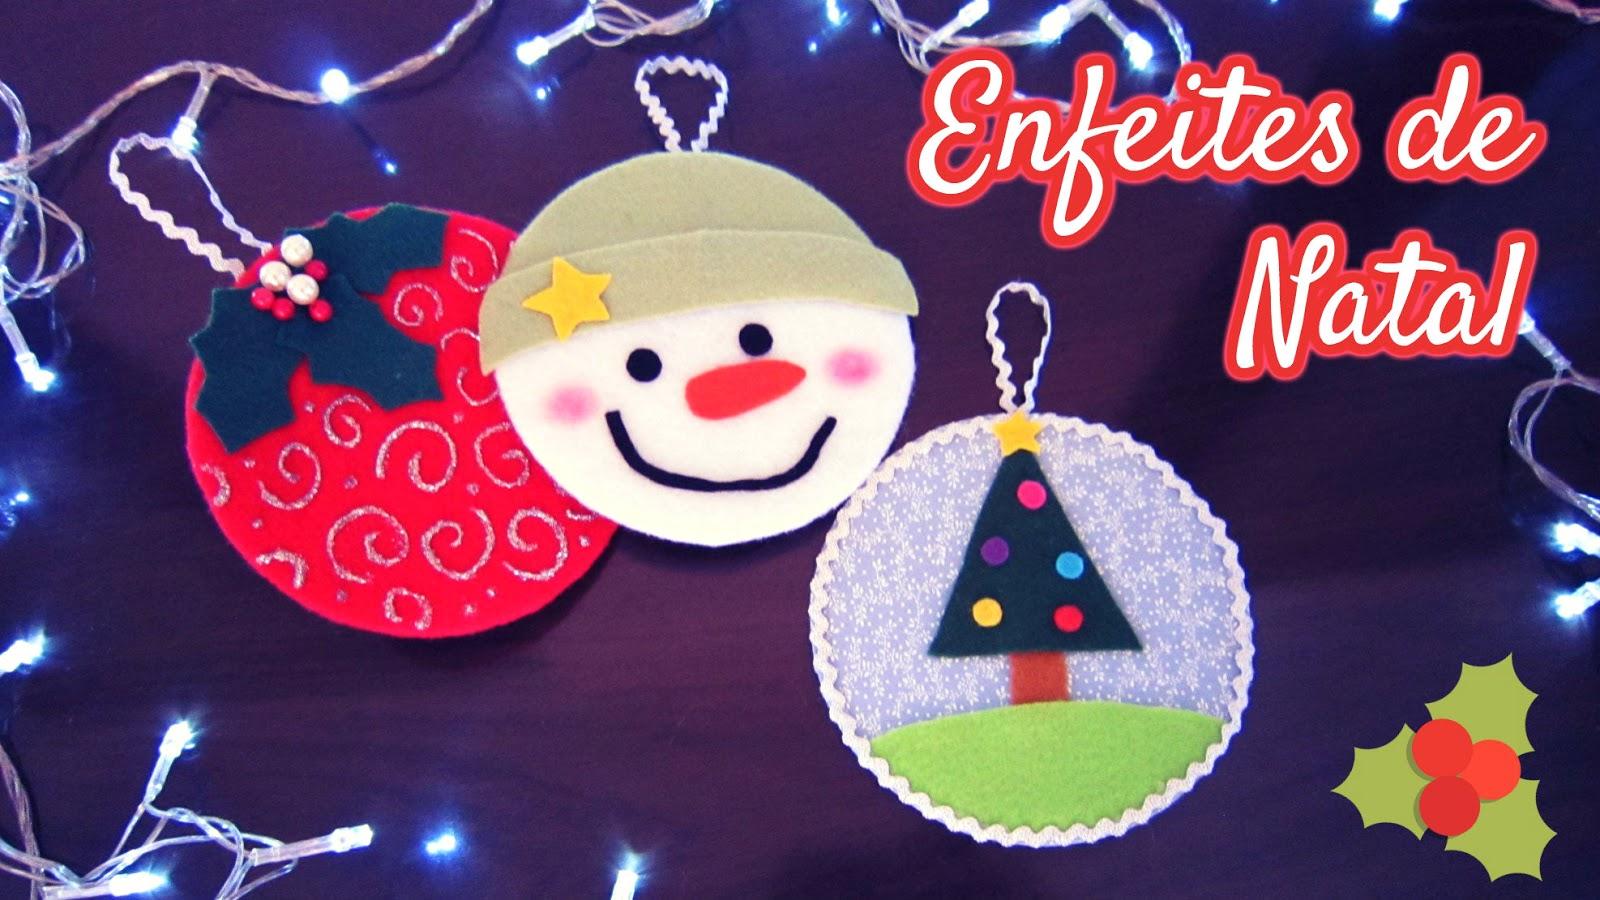 Knanda Artes Como fazer Enfeites de Natal Artesanato com CD